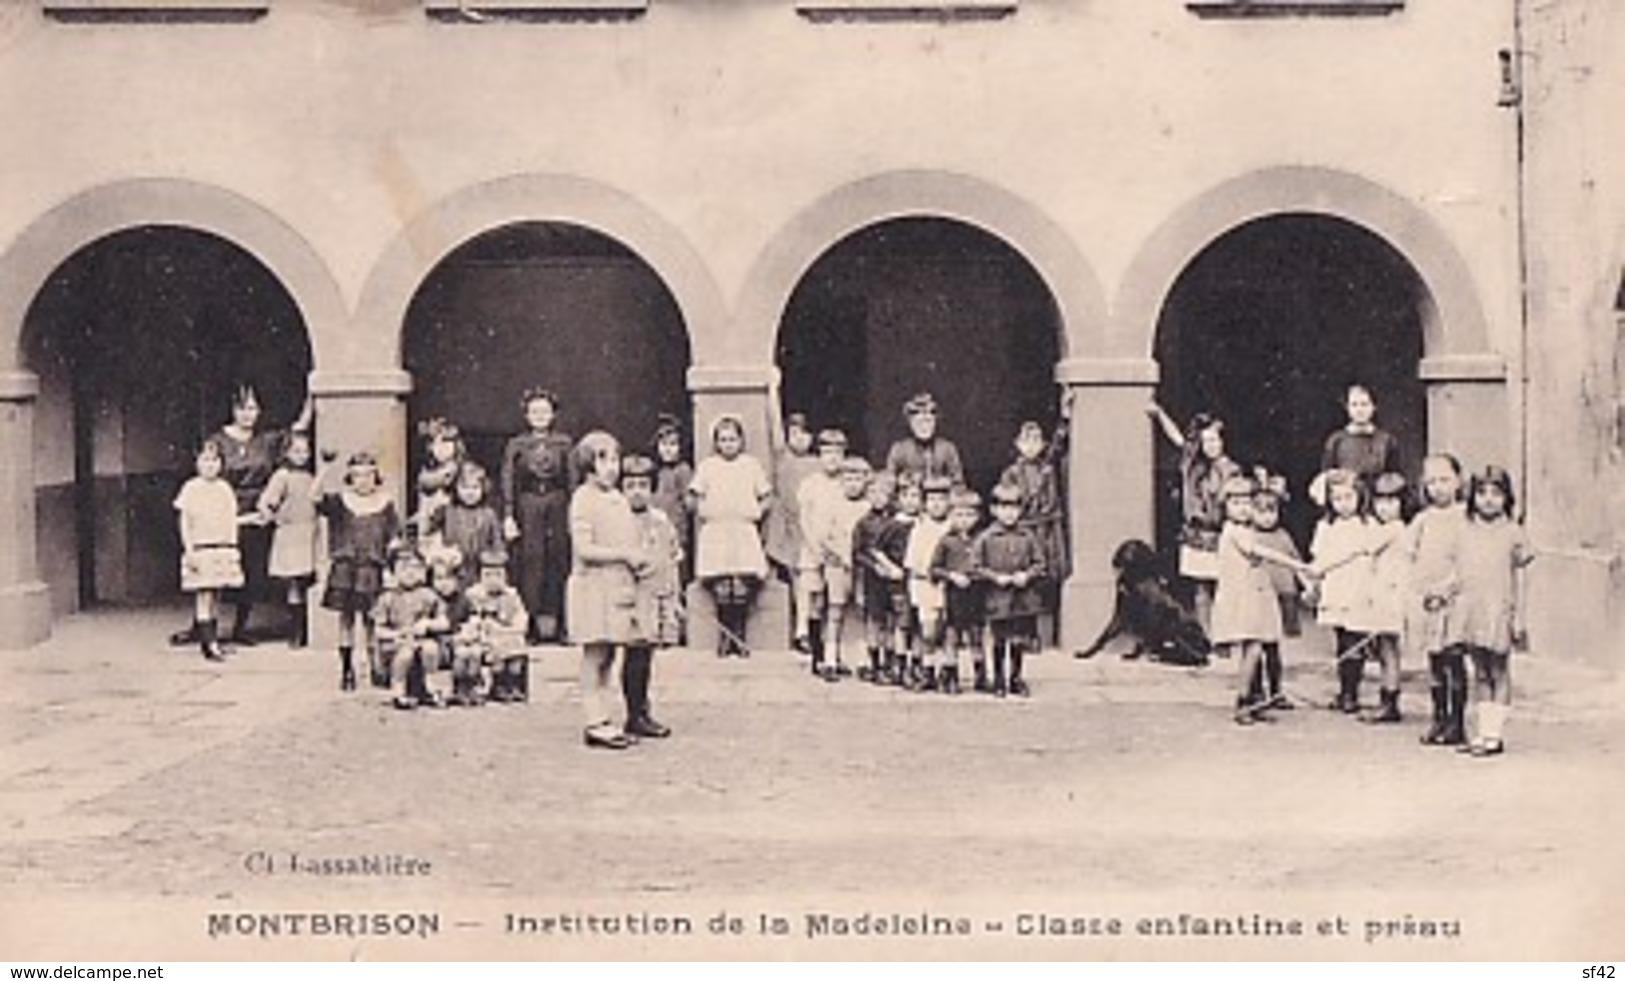 MONTBRISON       INSTITUTION DE LA MADELEINE.  CLASSE ENFANTINE ET PREAU - Montbrison